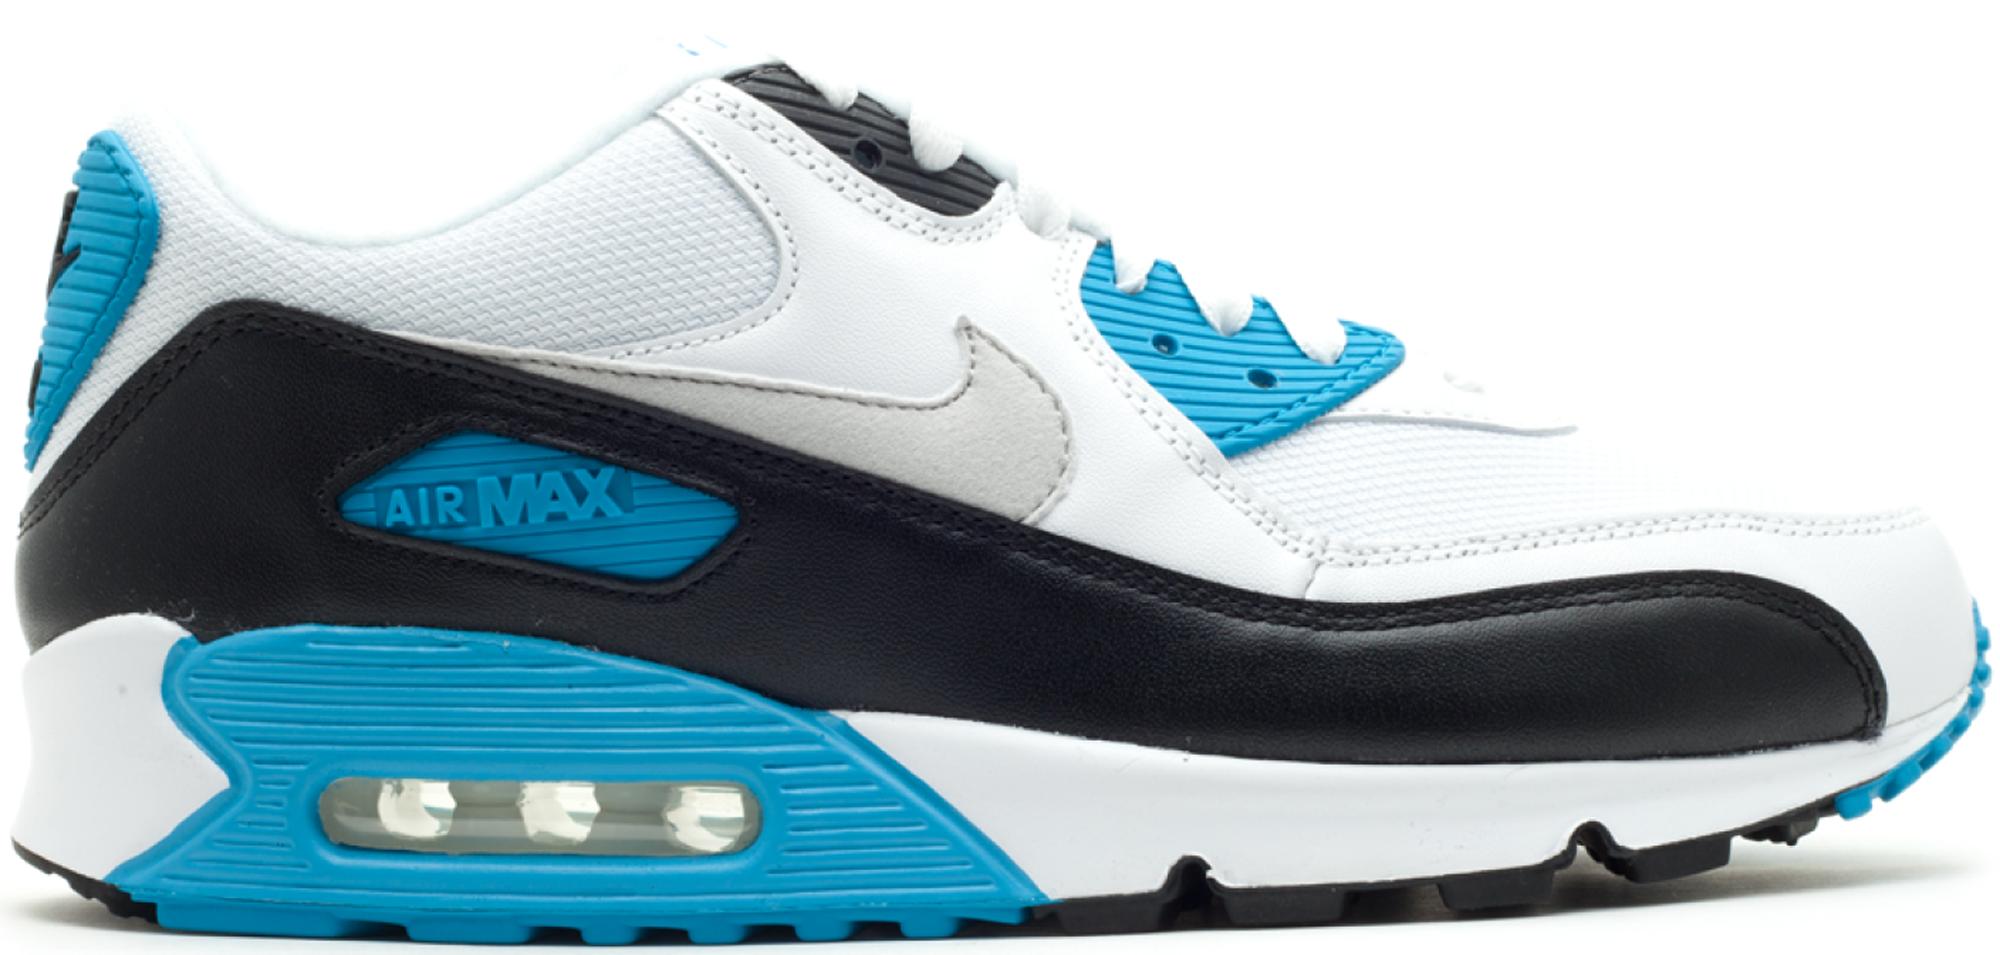 Nike Air Max 90 Laser Blue (2010